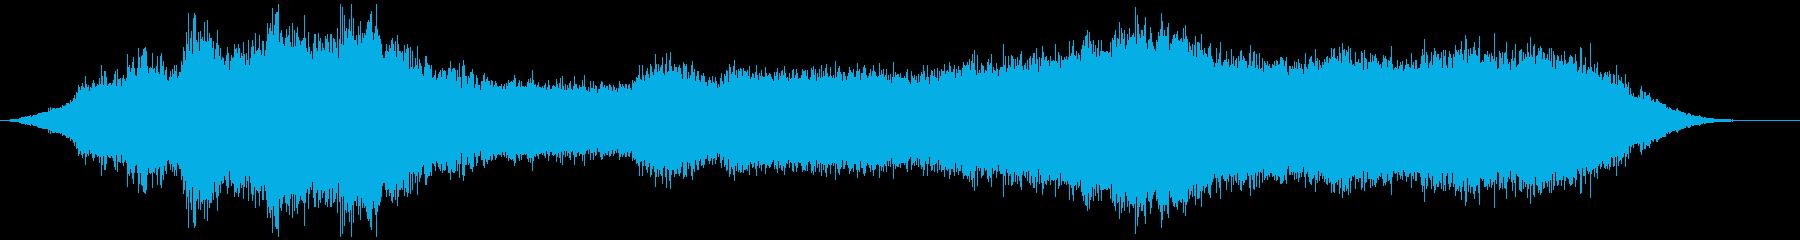 神秘的な雰囲気のアンビエント(背景音)5の再生済みの波形